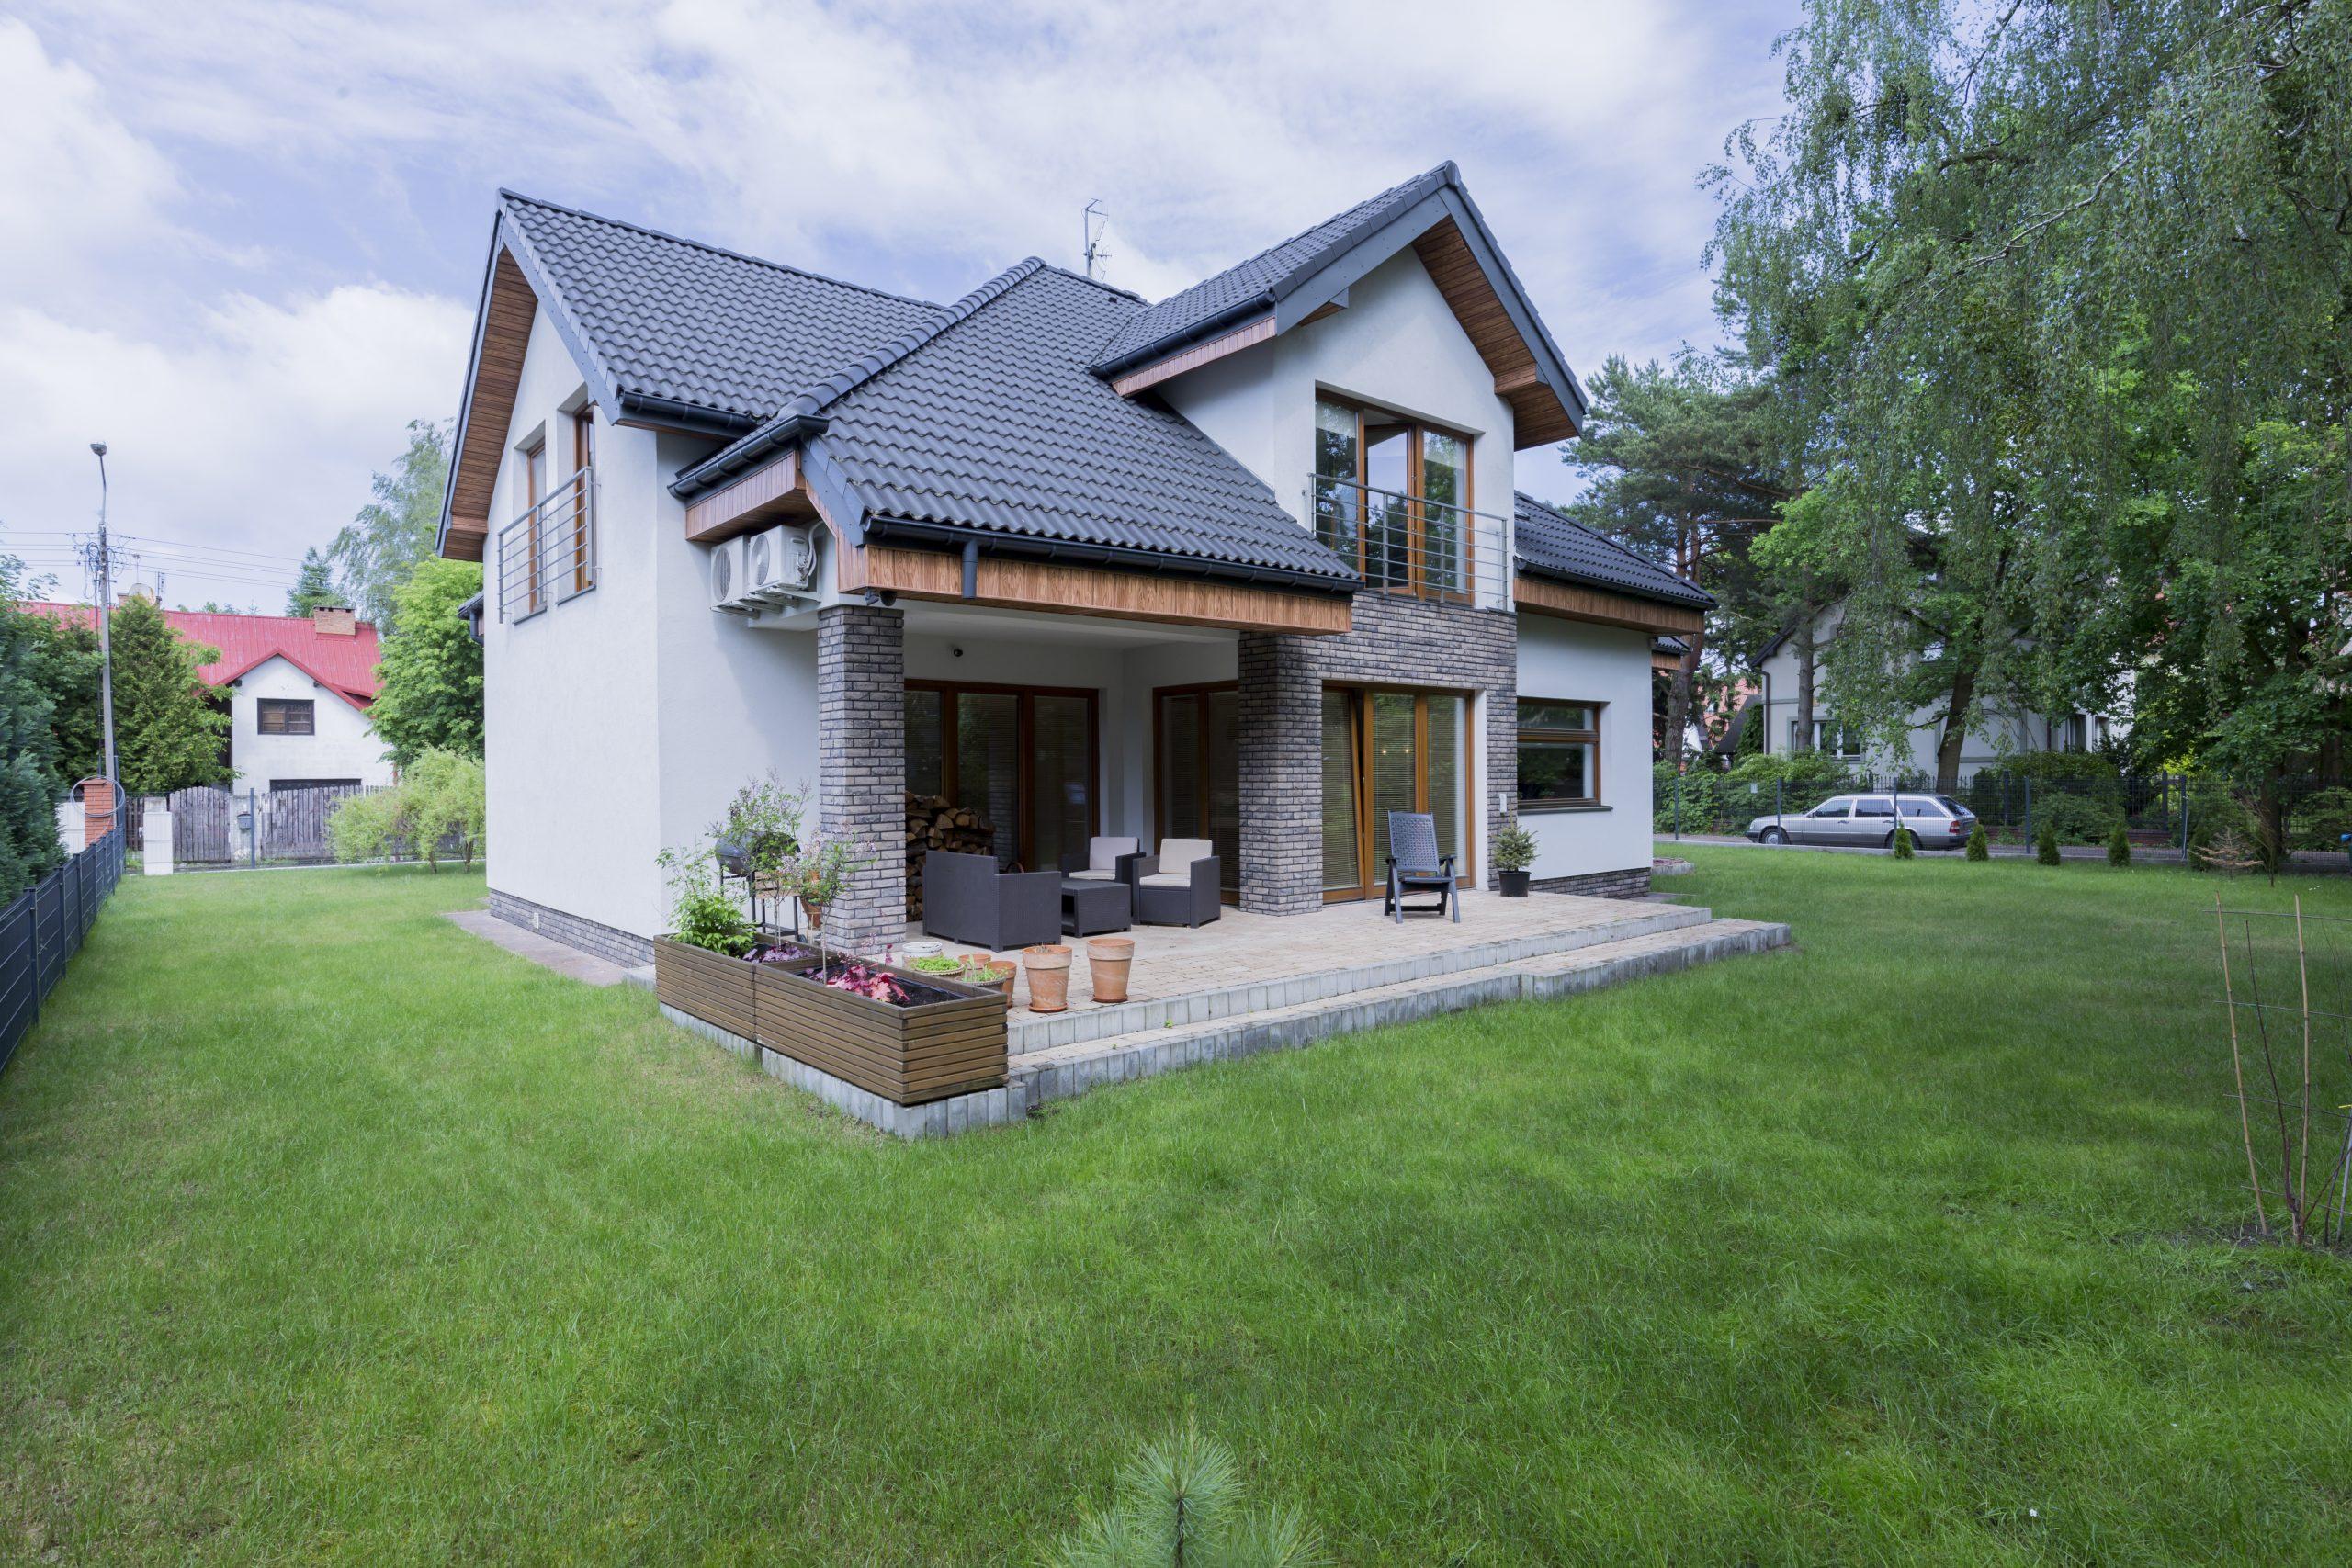 Die Kosten eines Einfamilienhauses hängen ab vom eigenen Geschmack und von den eigenen Wünschen.